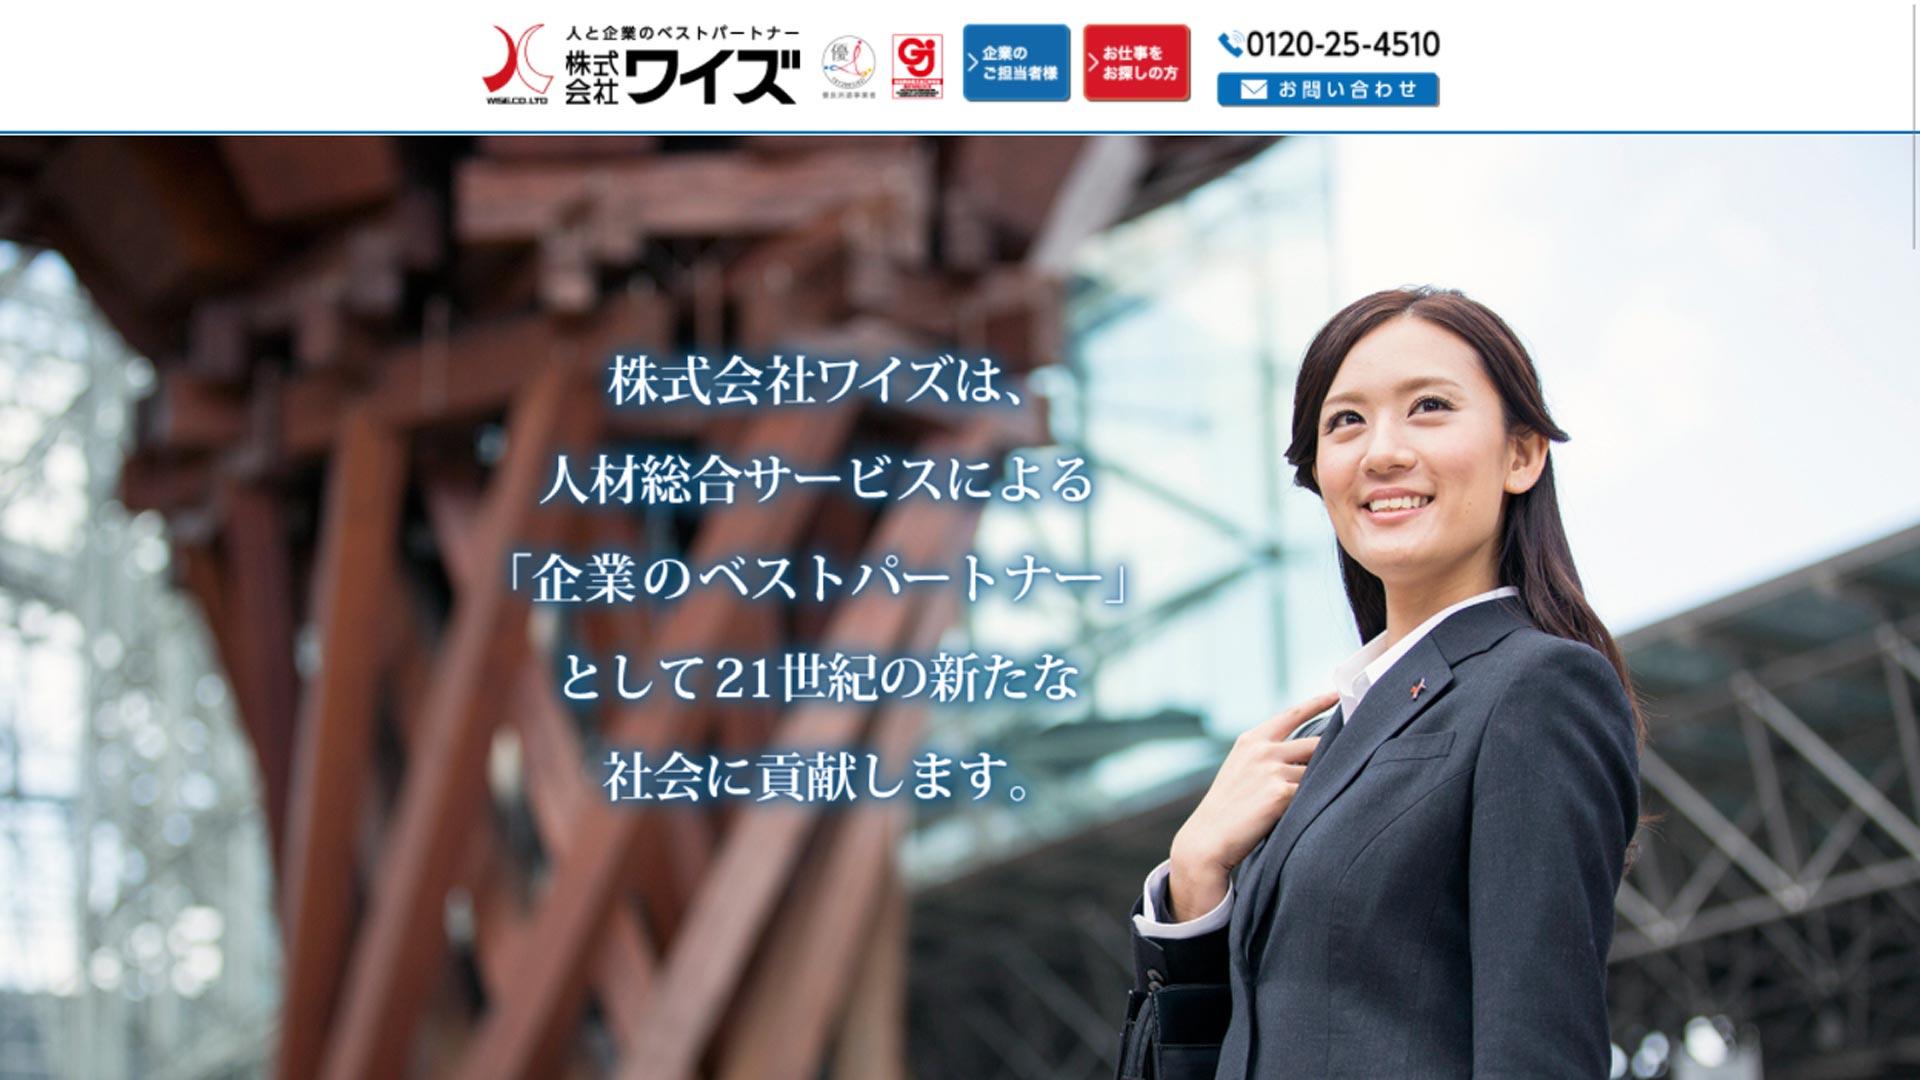 株式会社ワイズ ホームページ   ワイズ関西 グループ企業